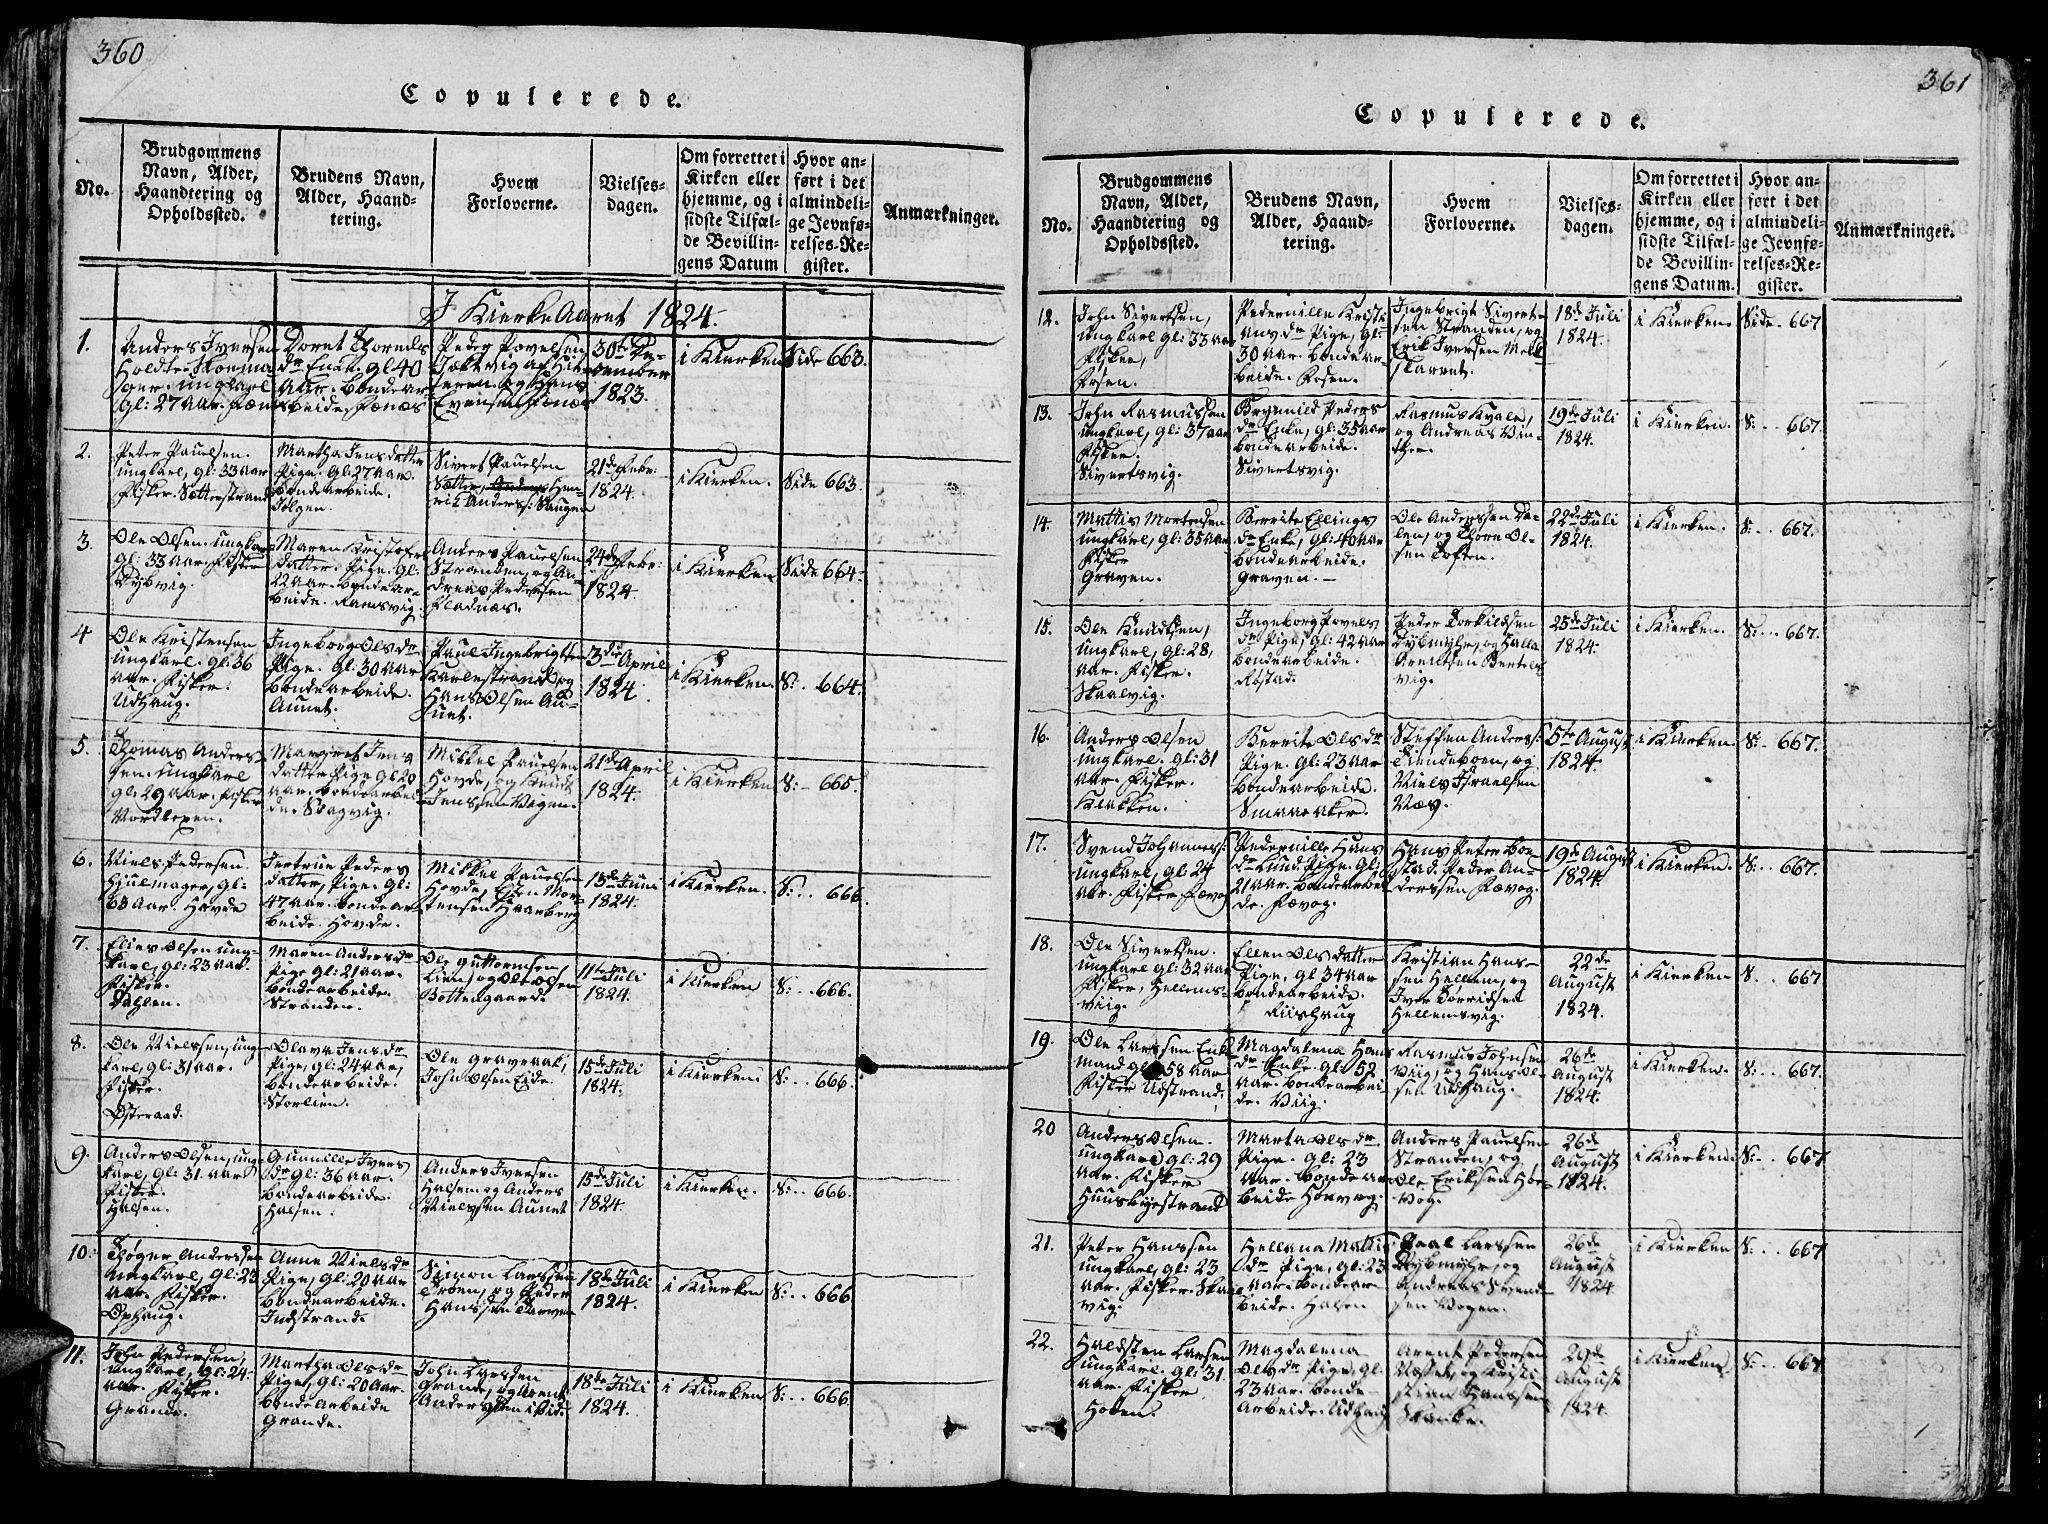 SAT, Ministerialprotokoller, klokkerbøker og fødselsregistre - Sør-Trøndelag, 659/L0744: Klokkerbok nr. 659C01, 1818-1825, s. 360-361